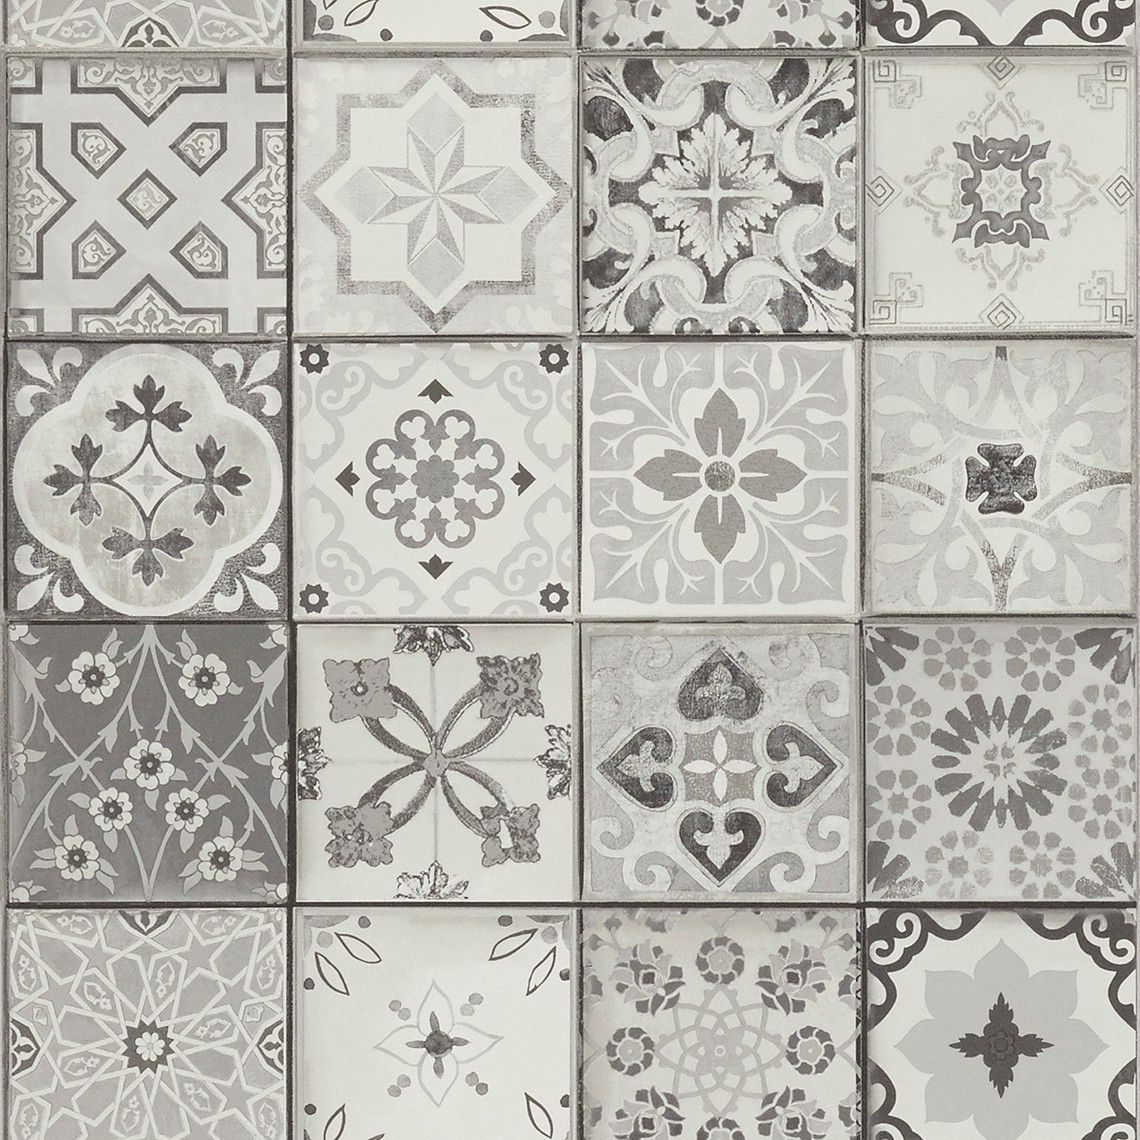 Elegant Papier Peint CARREAUX, Vinyle Sur Intissé Imitation Carreaux De Ciment, Gris